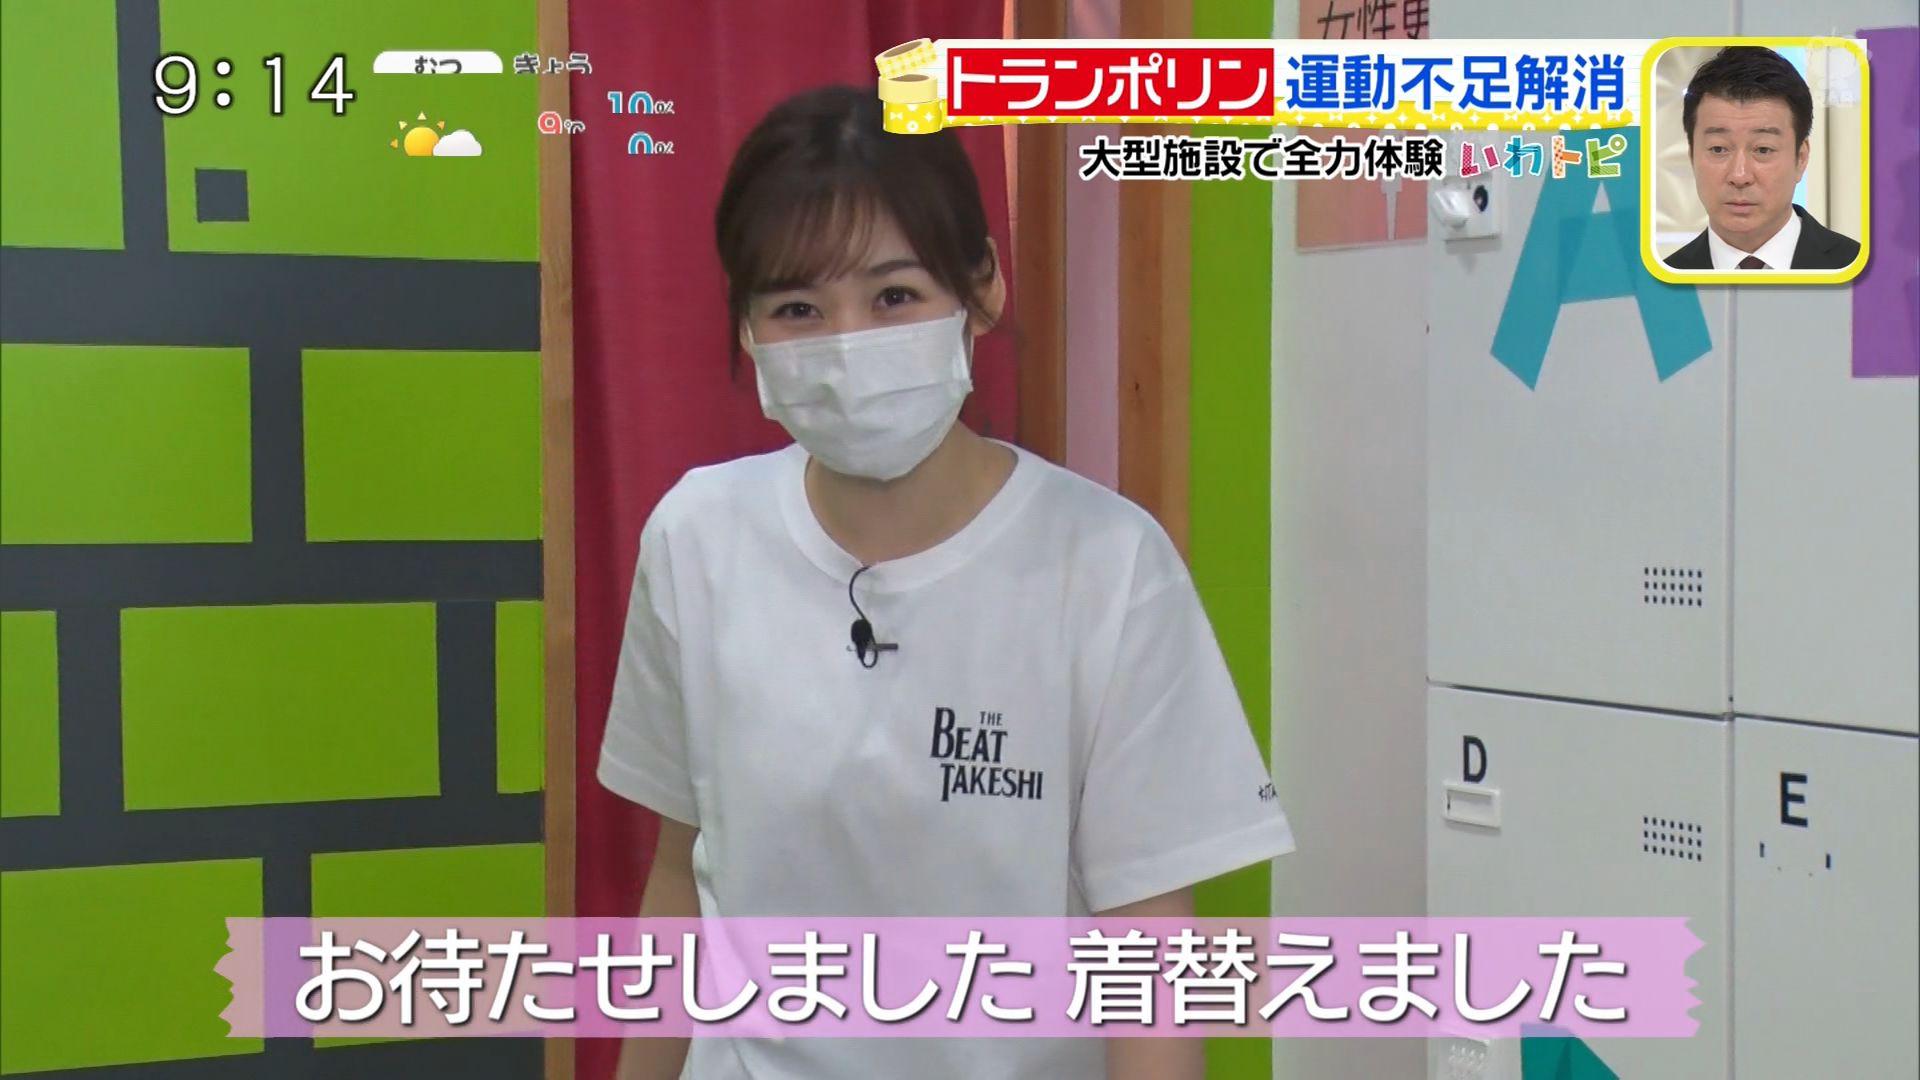 【画像】女子アナ、TVでがっつりM字開脚してしまう放送事故wwww